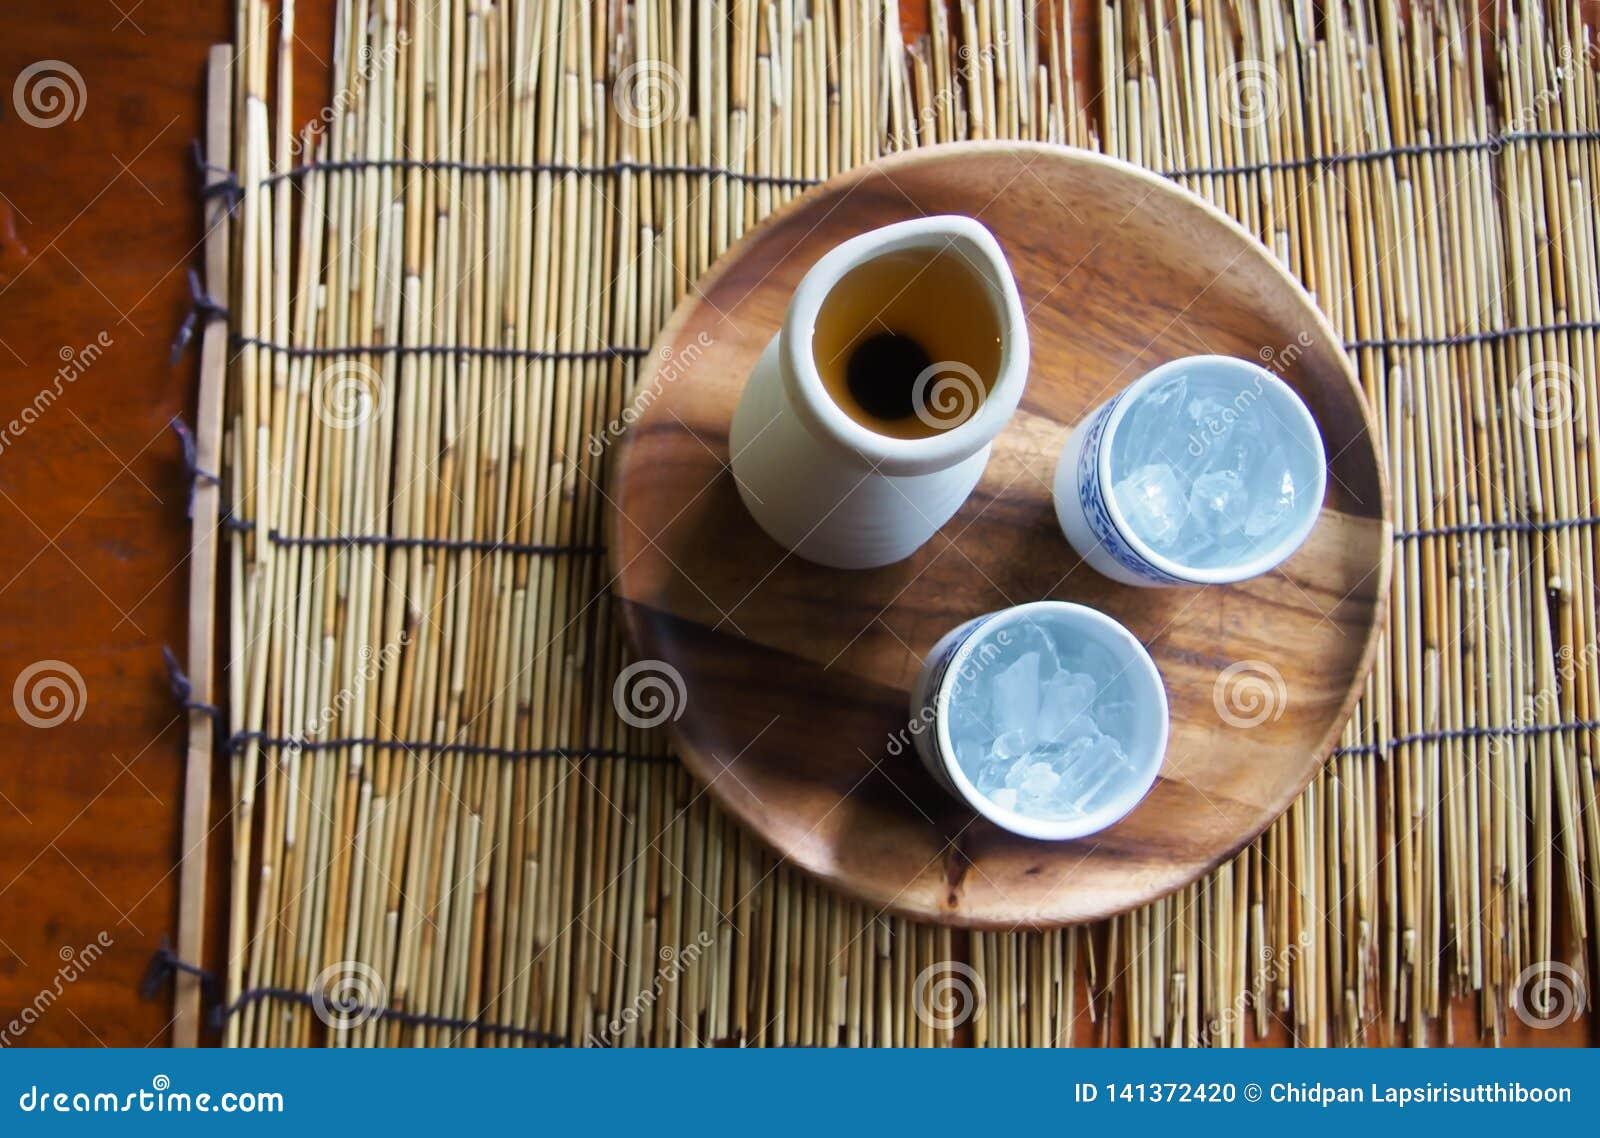 Взгляд сверху бака чая и стекла чая со льдом На деревянной плите, которая помещена на бамбуковой циновке и на таблице